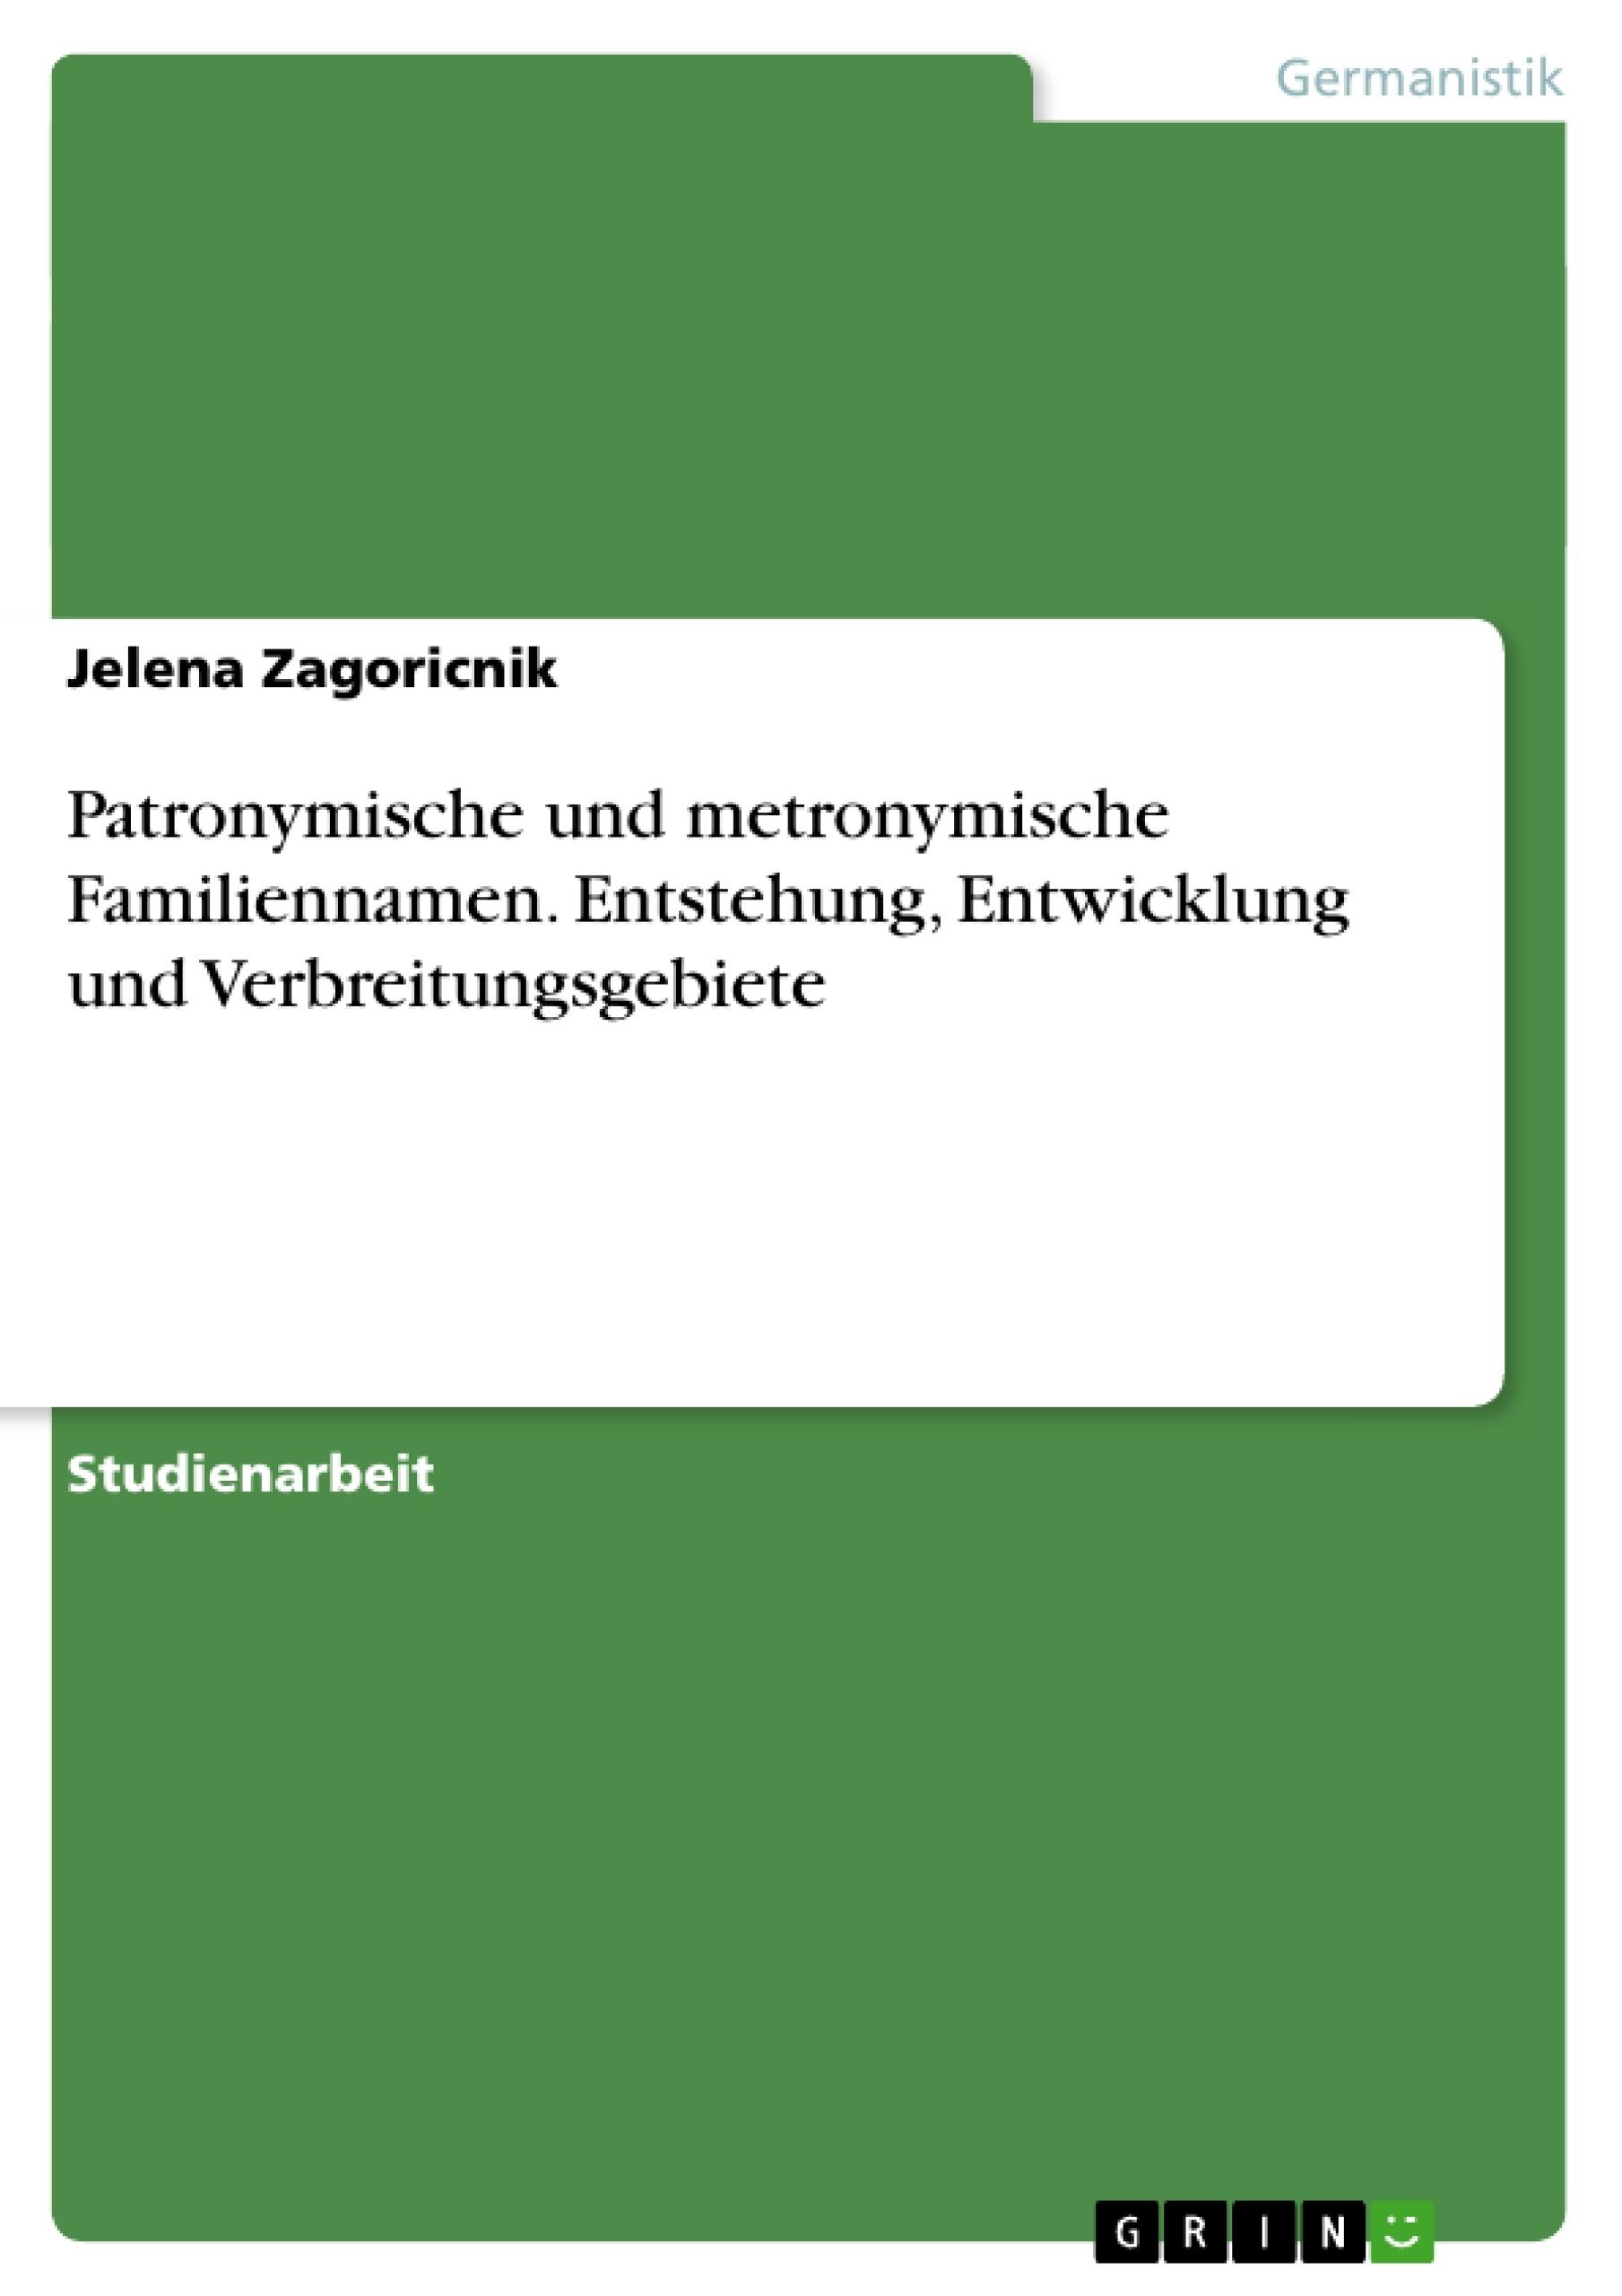 Titel: Patronymische und metronymische Familiennamen. Entstehung, Entwicklung und Verbreitungsgebiete